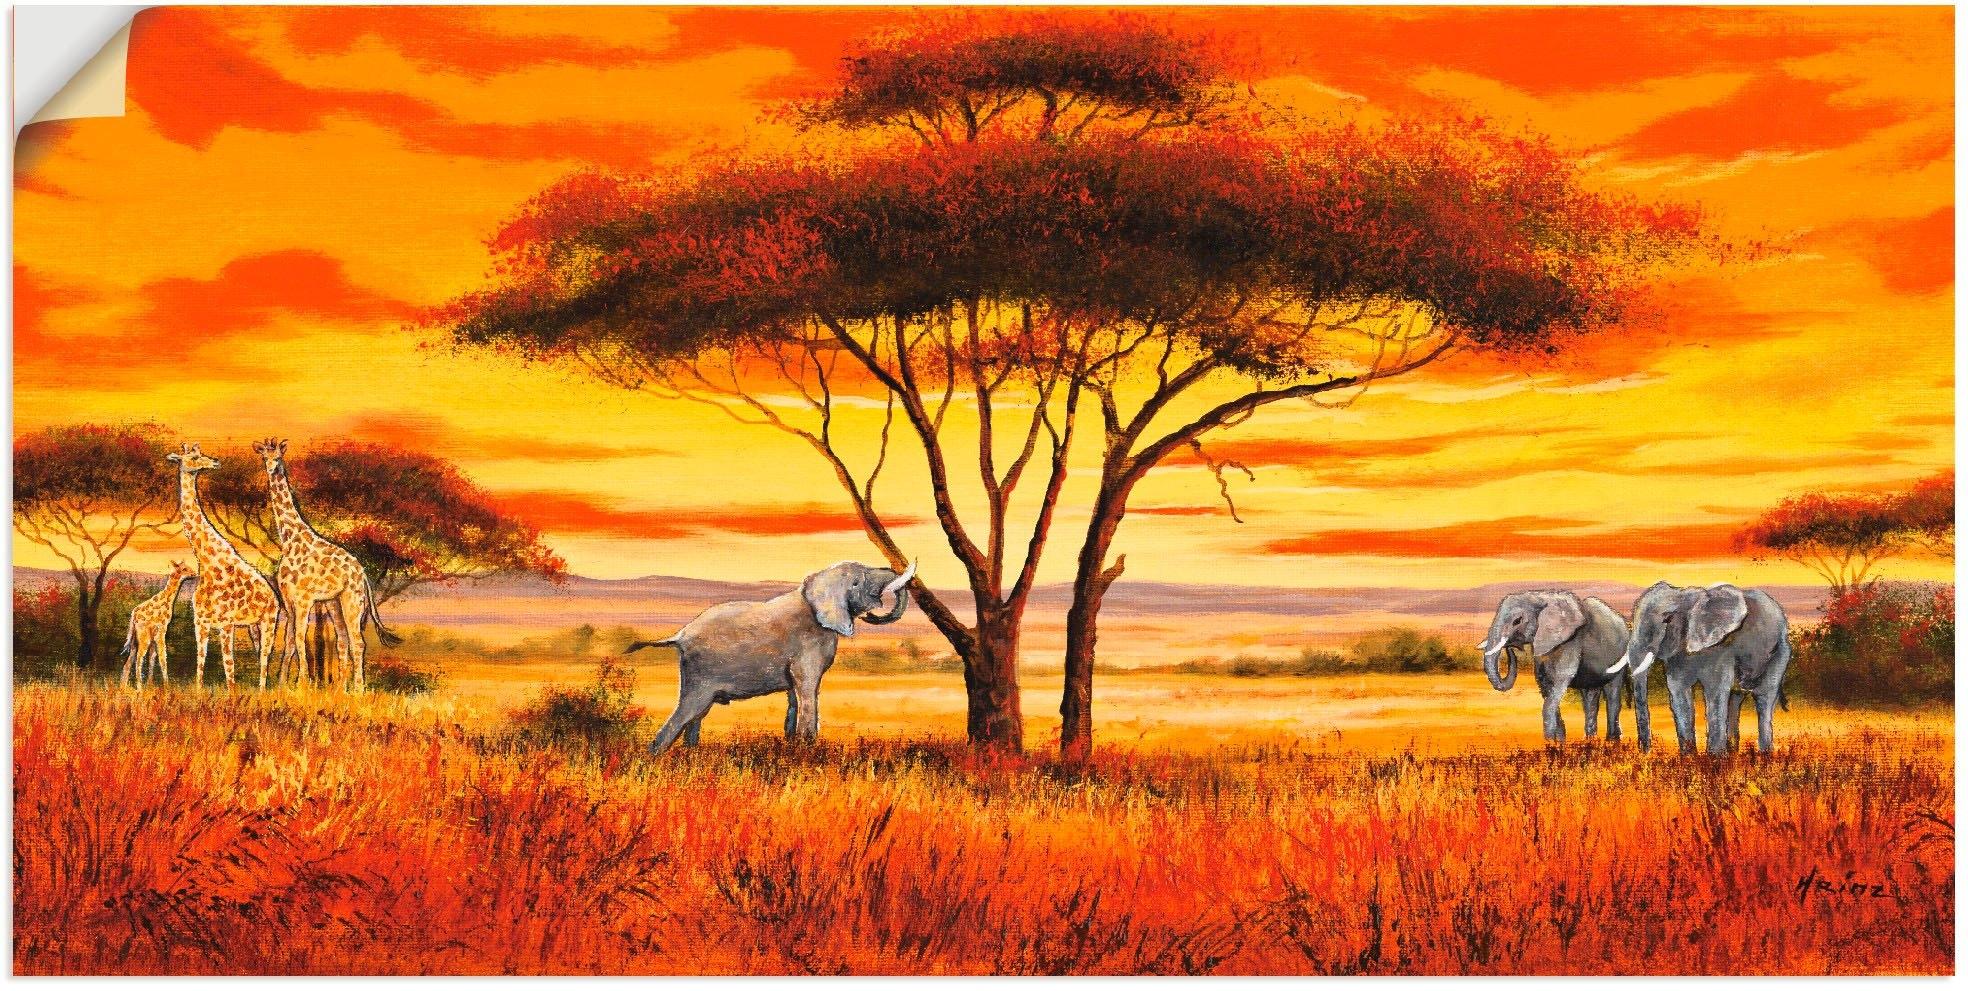 Artland Artprint Afrikaans landschap II in vele afmetingen & productsoorten - artprint van aluminium / artprint voor buiten, artprint op linnen, poster, muursticker / wandfolie ook geschikt voor de badkamer (1 stuk) in de webshop van OTTO kopen